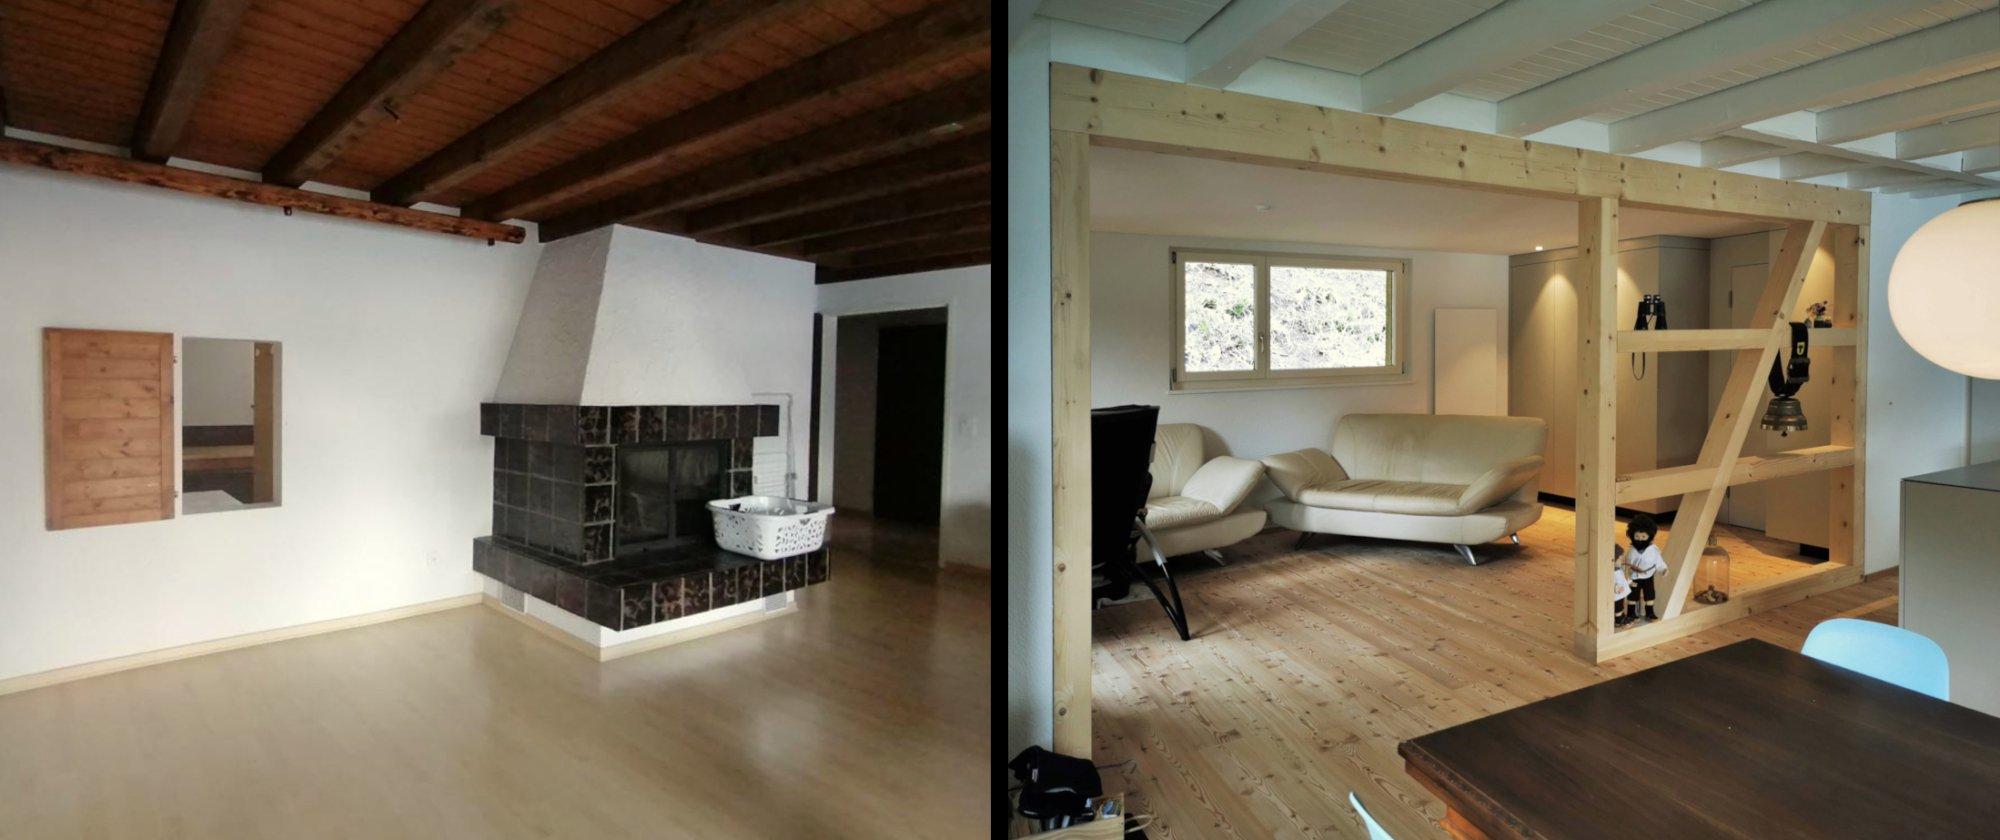 das Wohnzimmer - vorher und nach dem Umbau